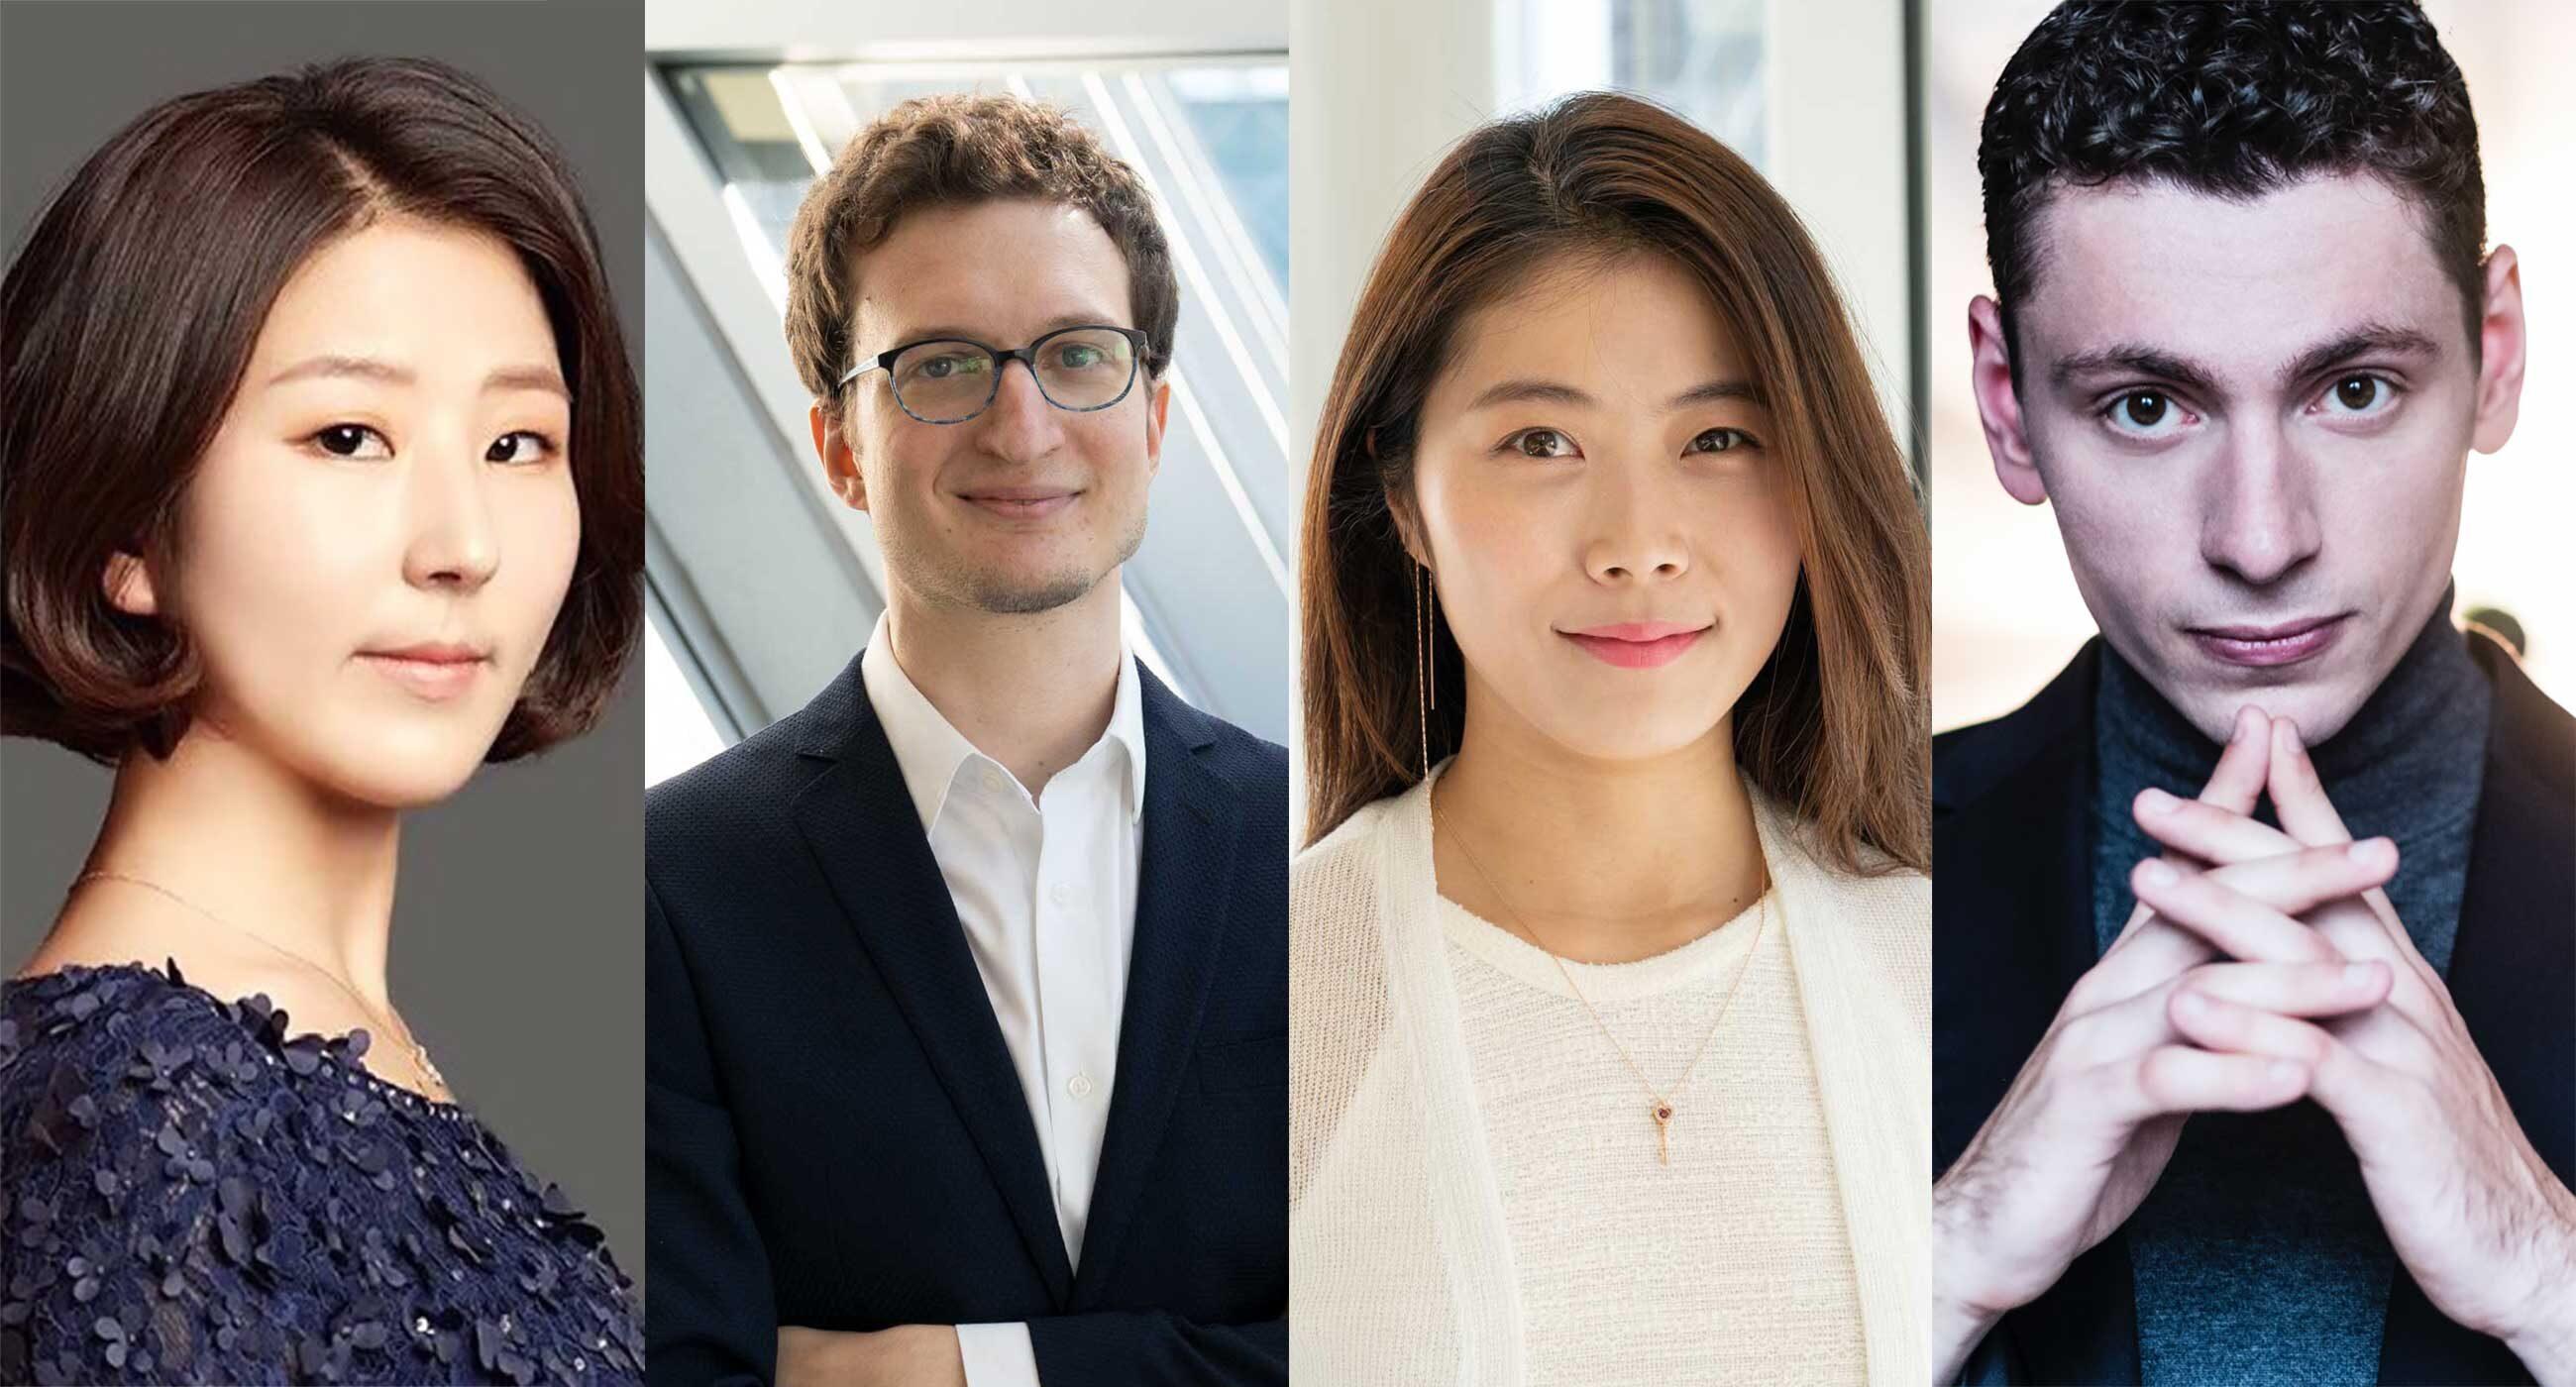 Minhye Choi, Rodolfo Leone, HyeJin Kim, Domini Cheli